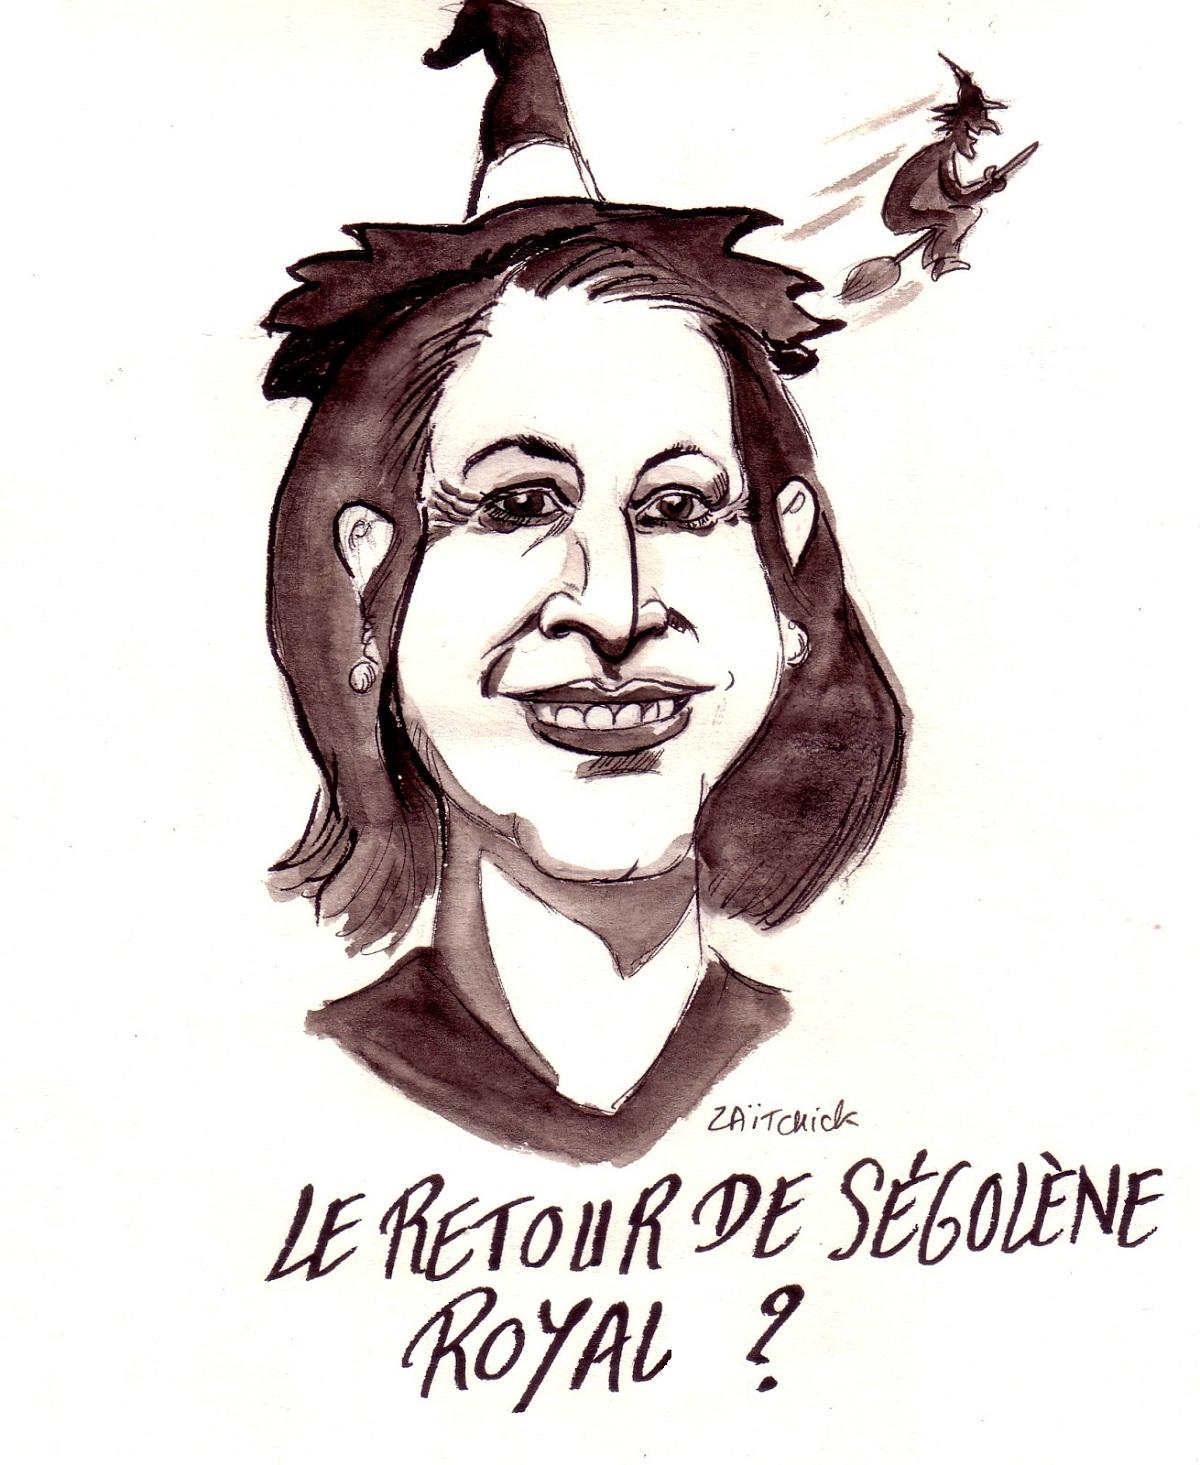 dessin d'actualité humoristique sur le retour politique de Ségolène Royal